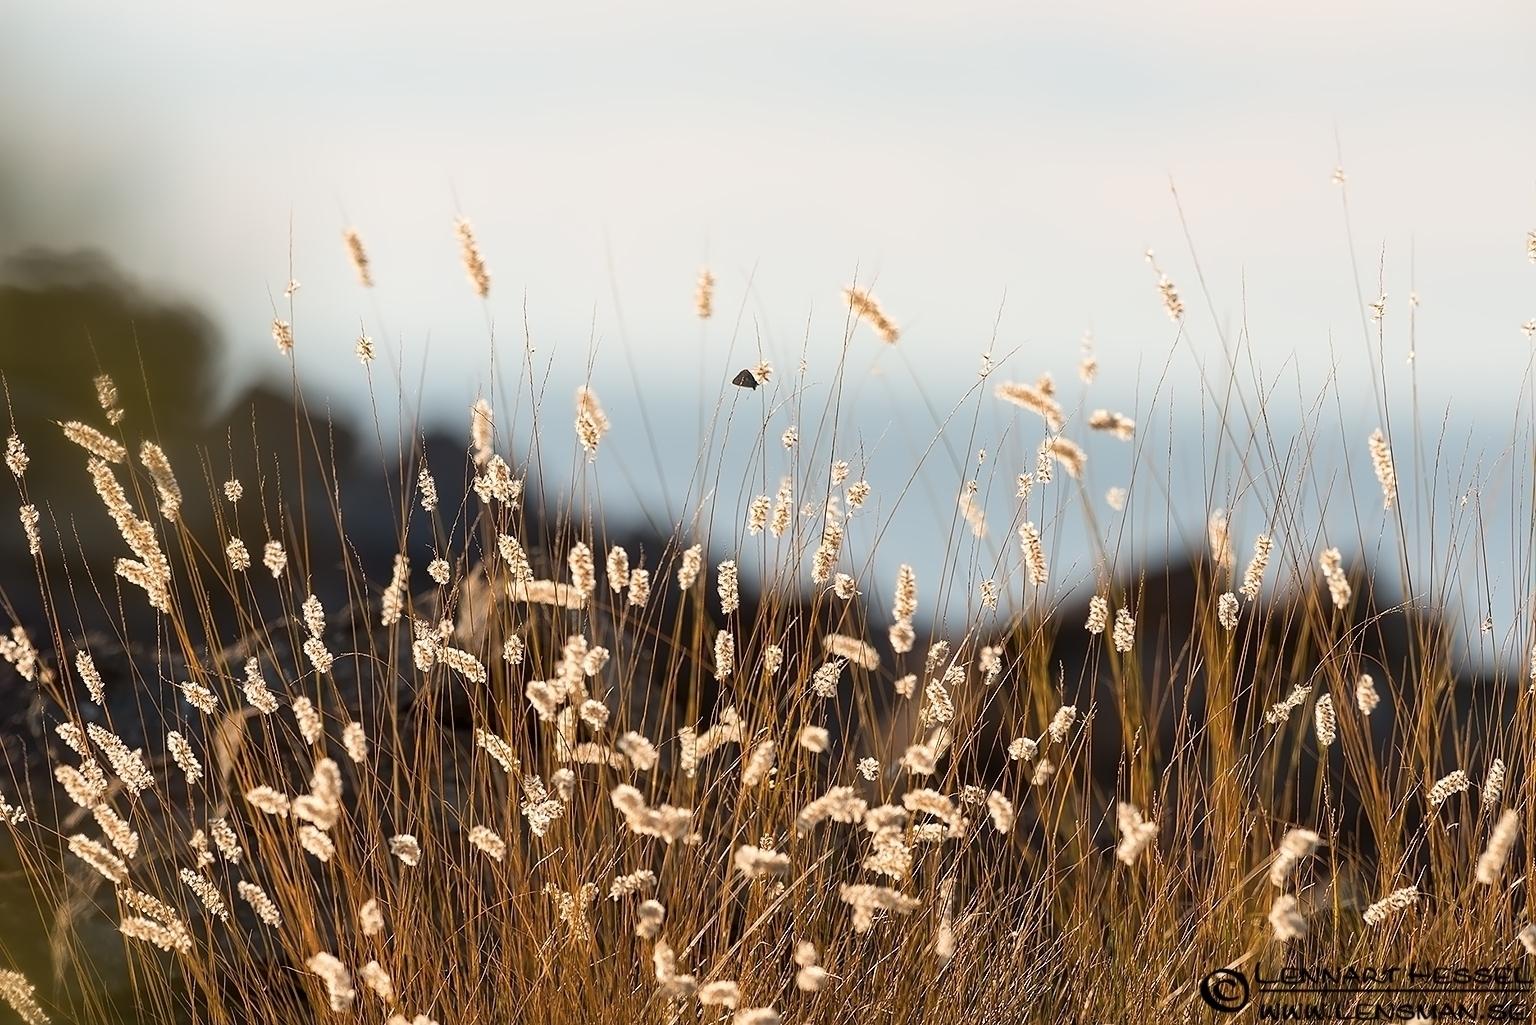 Grass in backlight Öland 2012